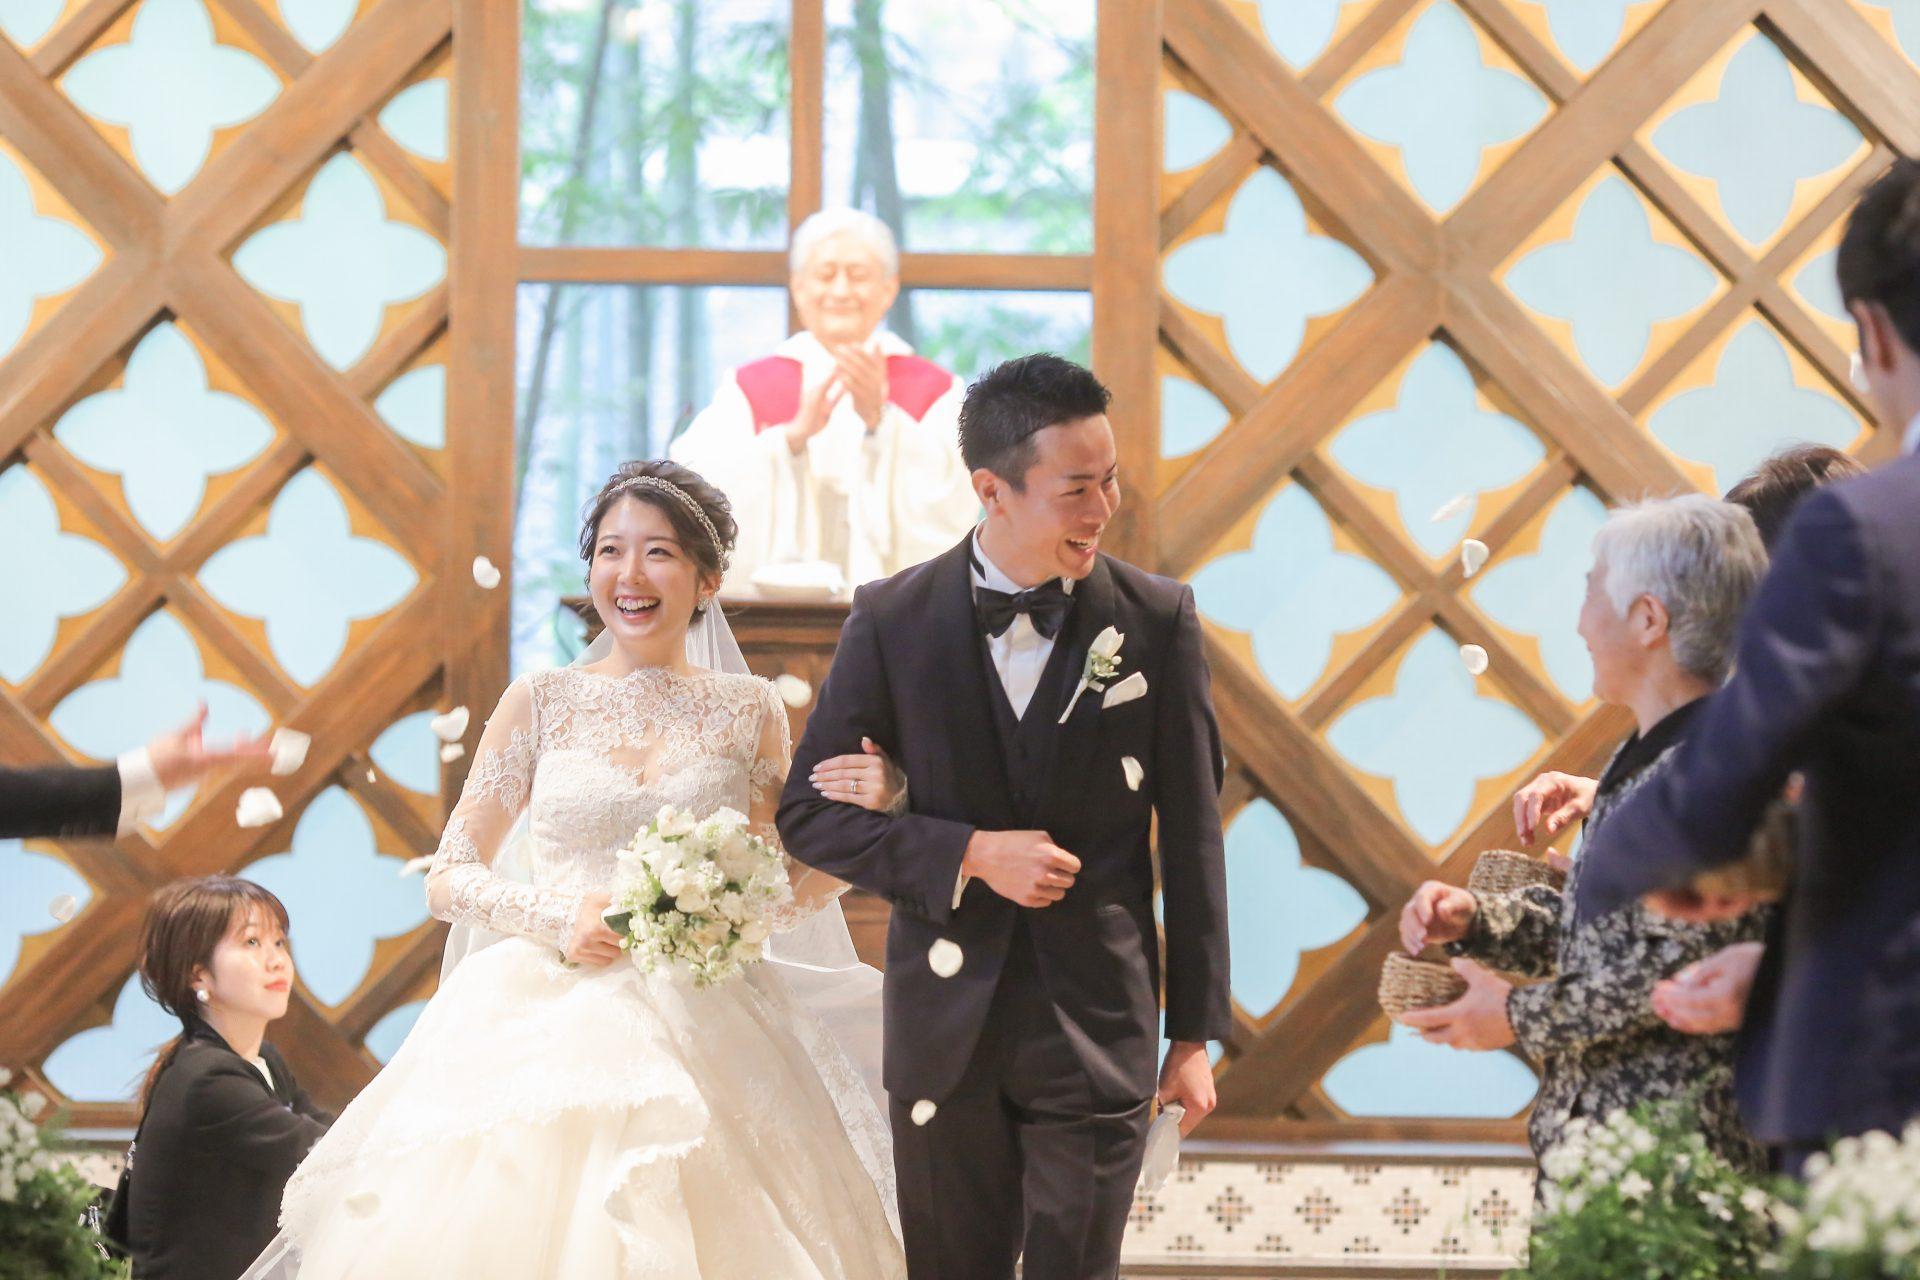 開放感があり緑あふれるフォーチュンガーデン京都で結婚式を挙げられる方におすすめしたいレースが美しくボリューム溢れるウエディングドレスとネイビーのタキシード